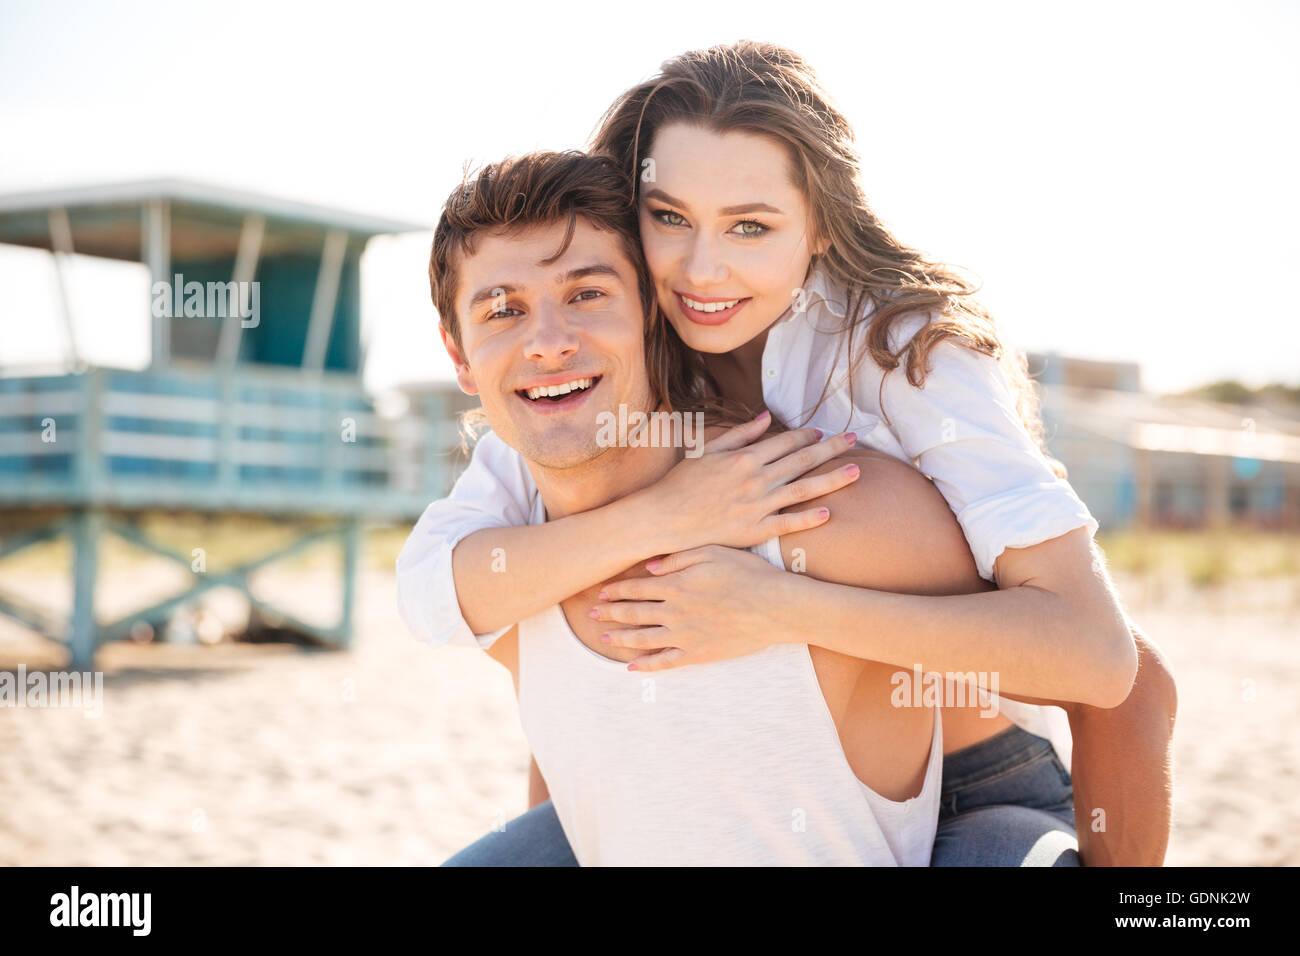 Ritratto di Allegro giovane piggybacking la sua ragazza sulla spiaggia Immagini Stock